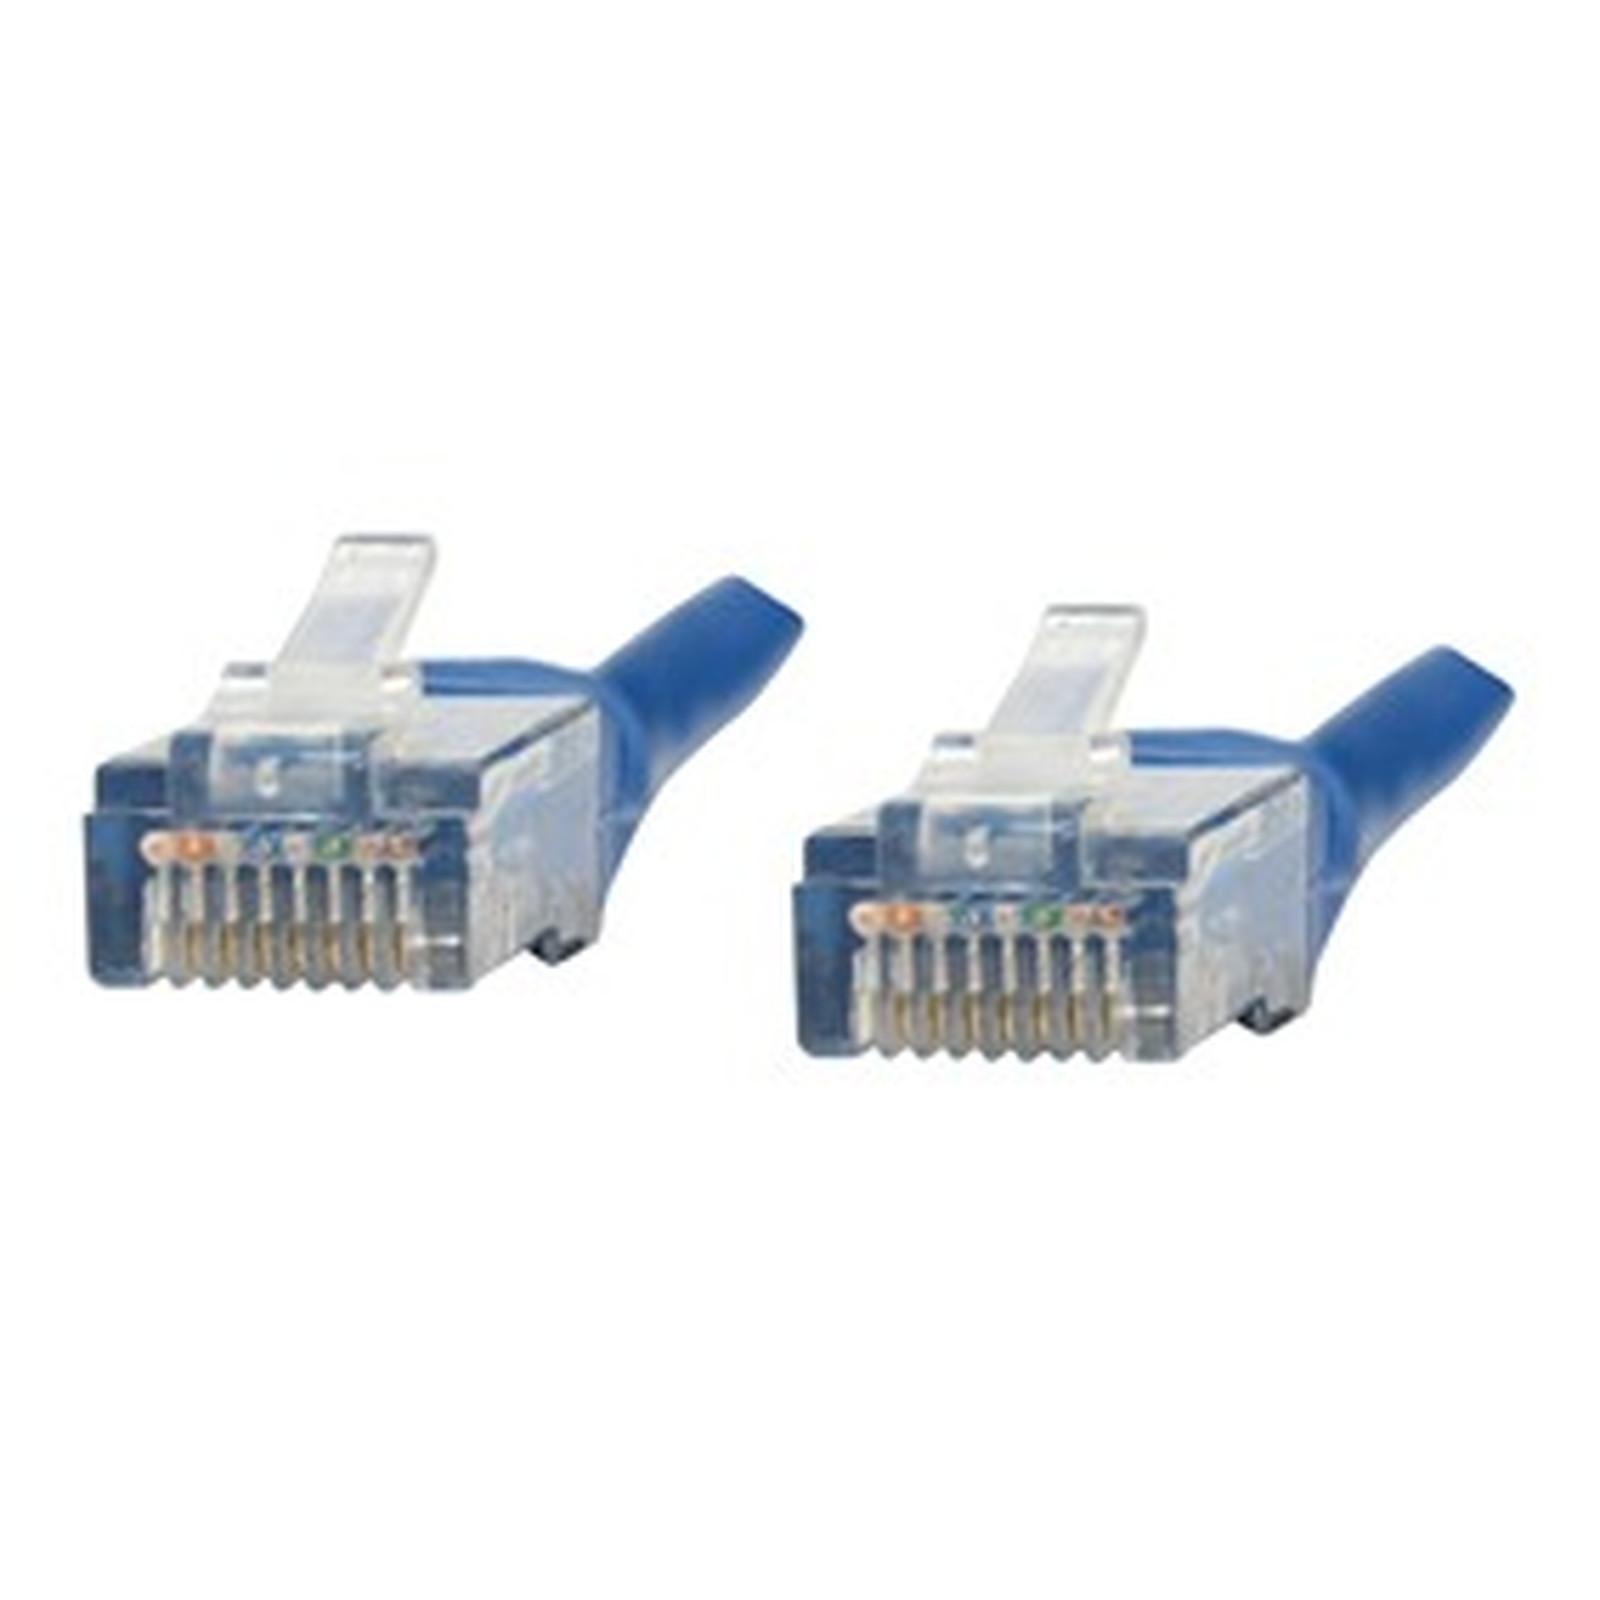 Cable RJ45 de categoría 5e U/UTP 10 m (azul)